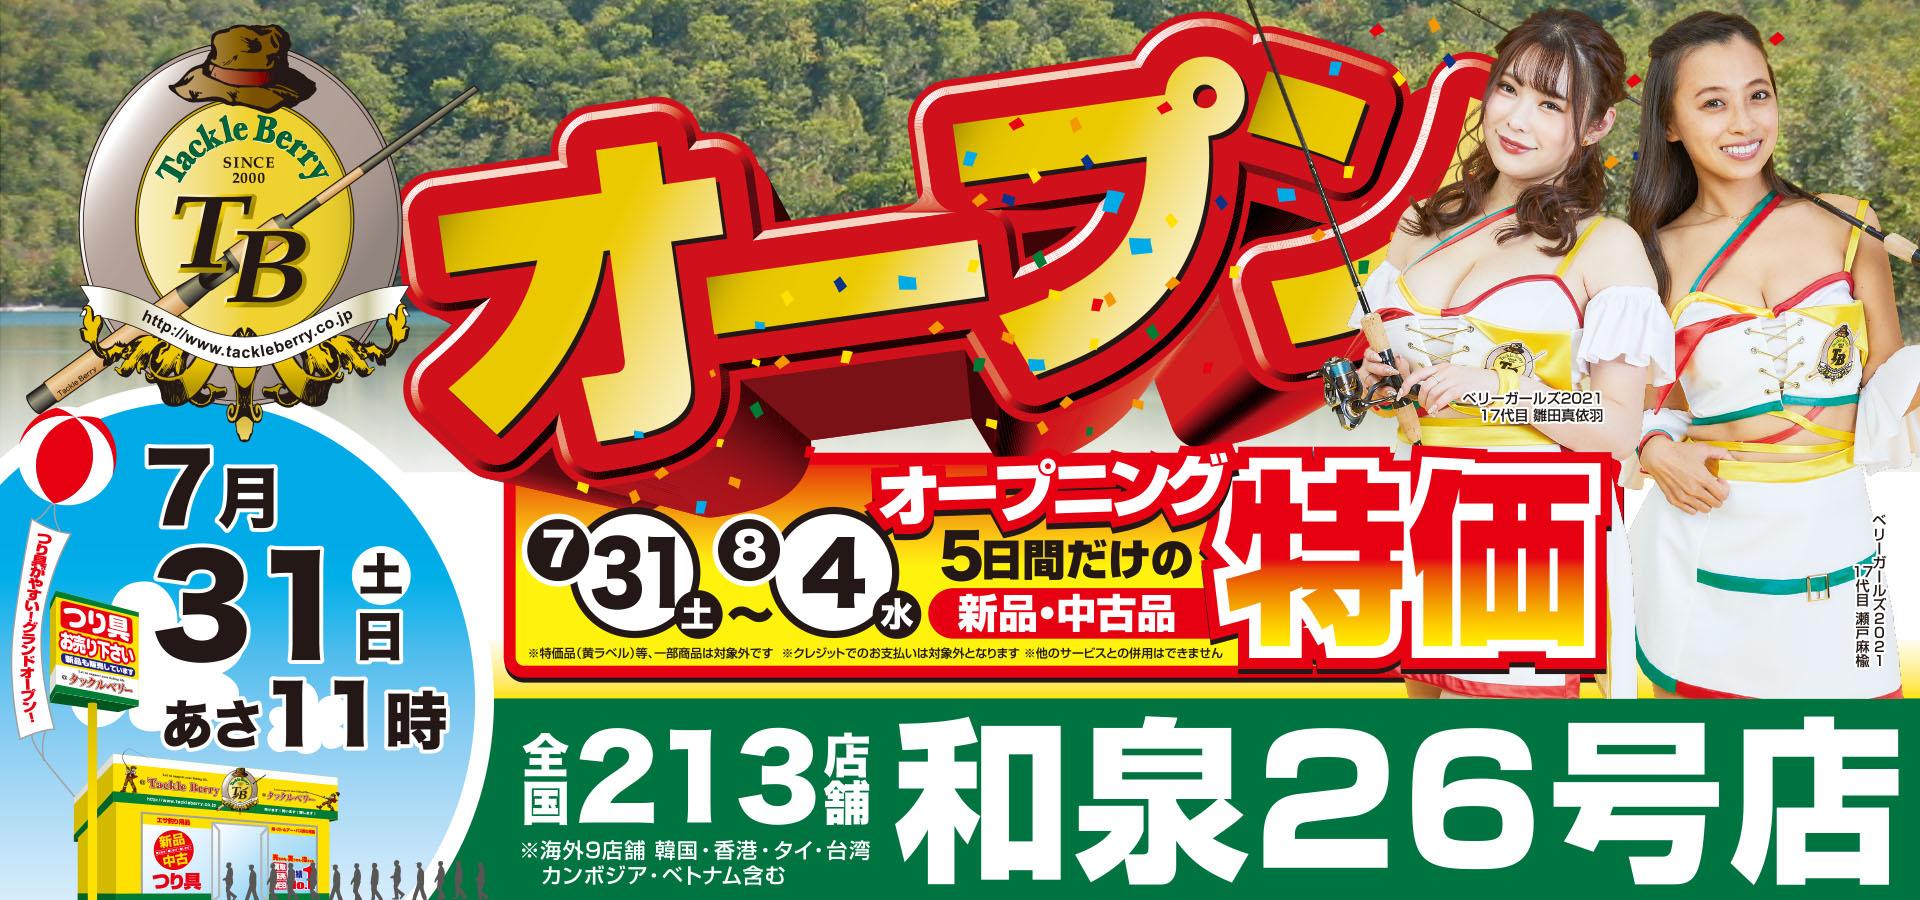 タックルベリー和泉26号店 新規オープン!